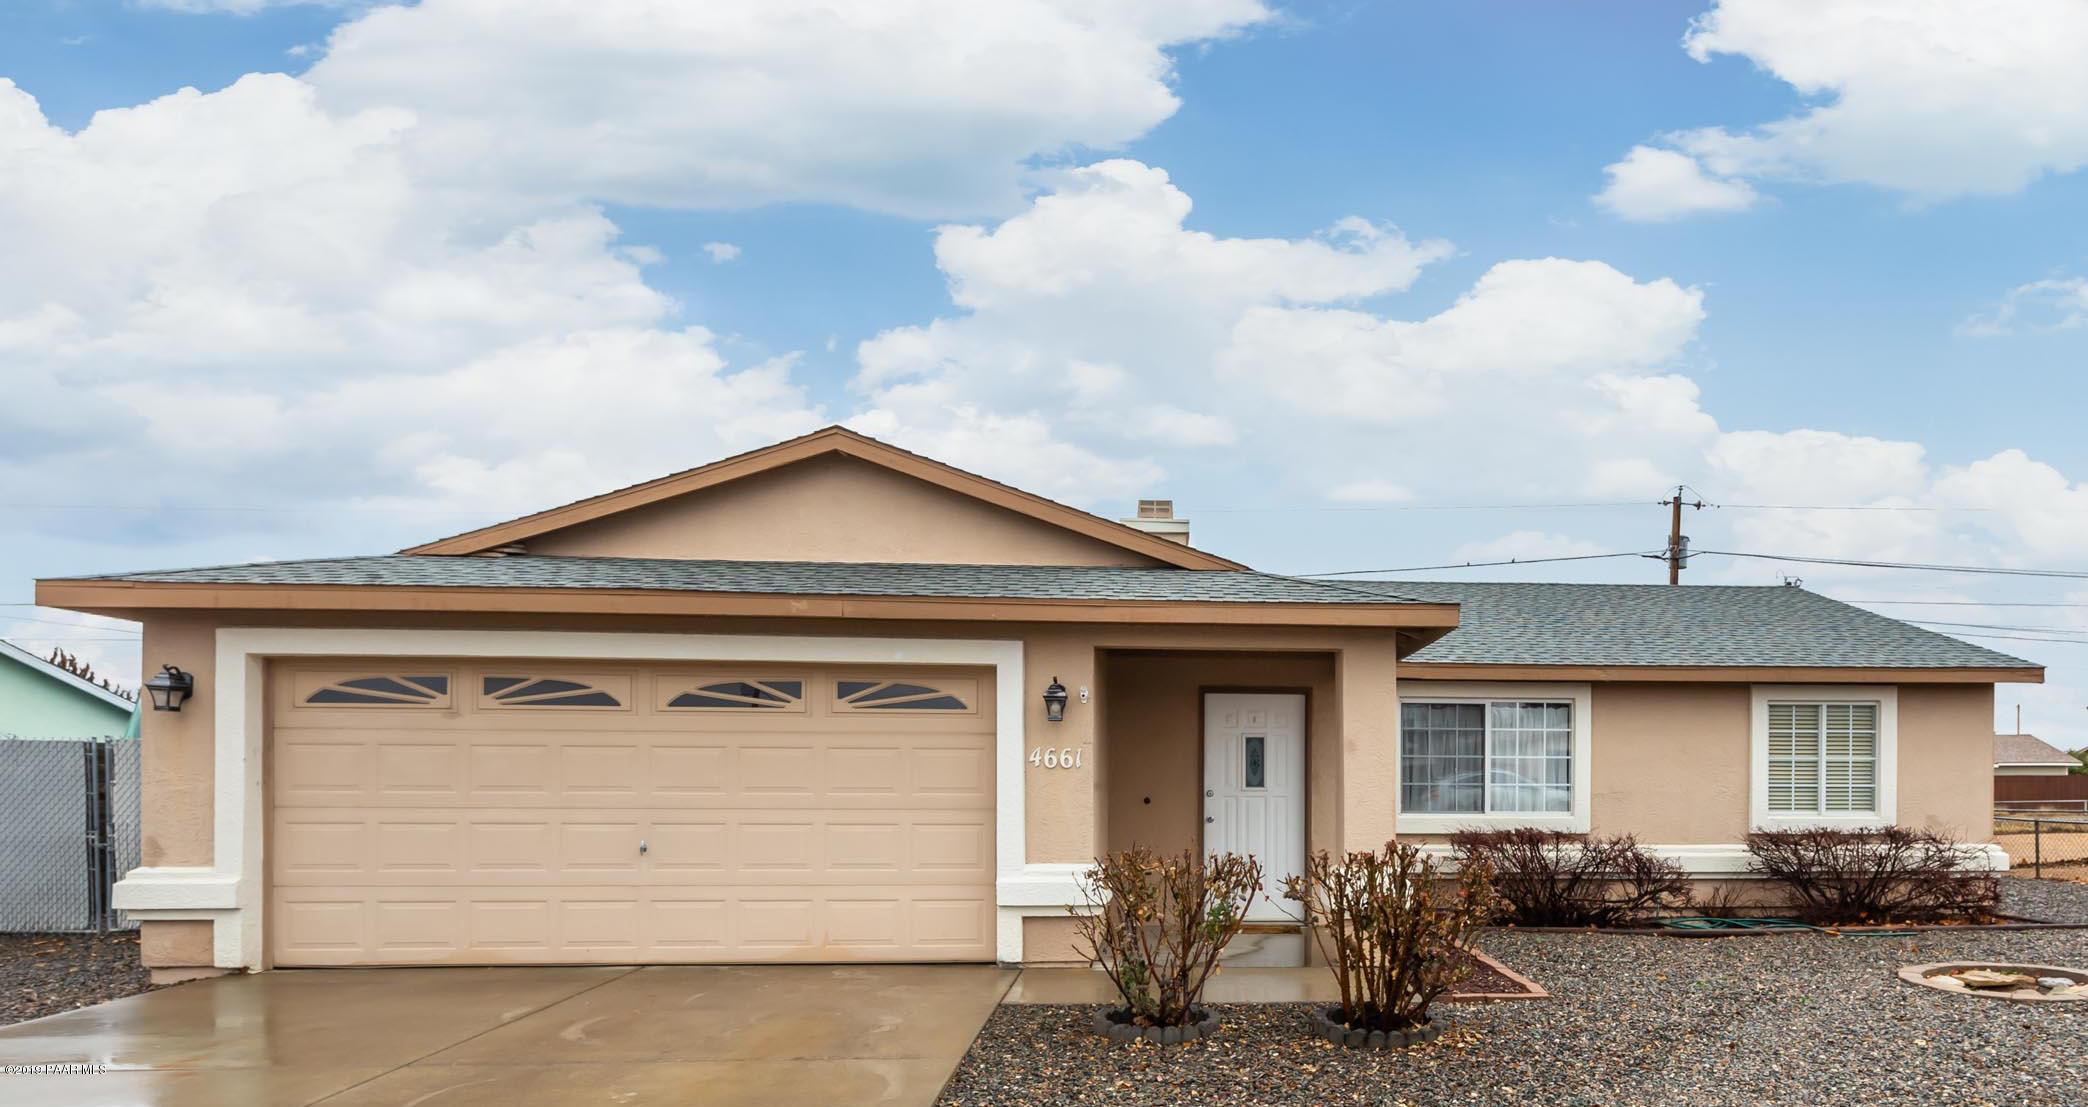 4661 N Stallion Drive, Prescott Valley, Arizona